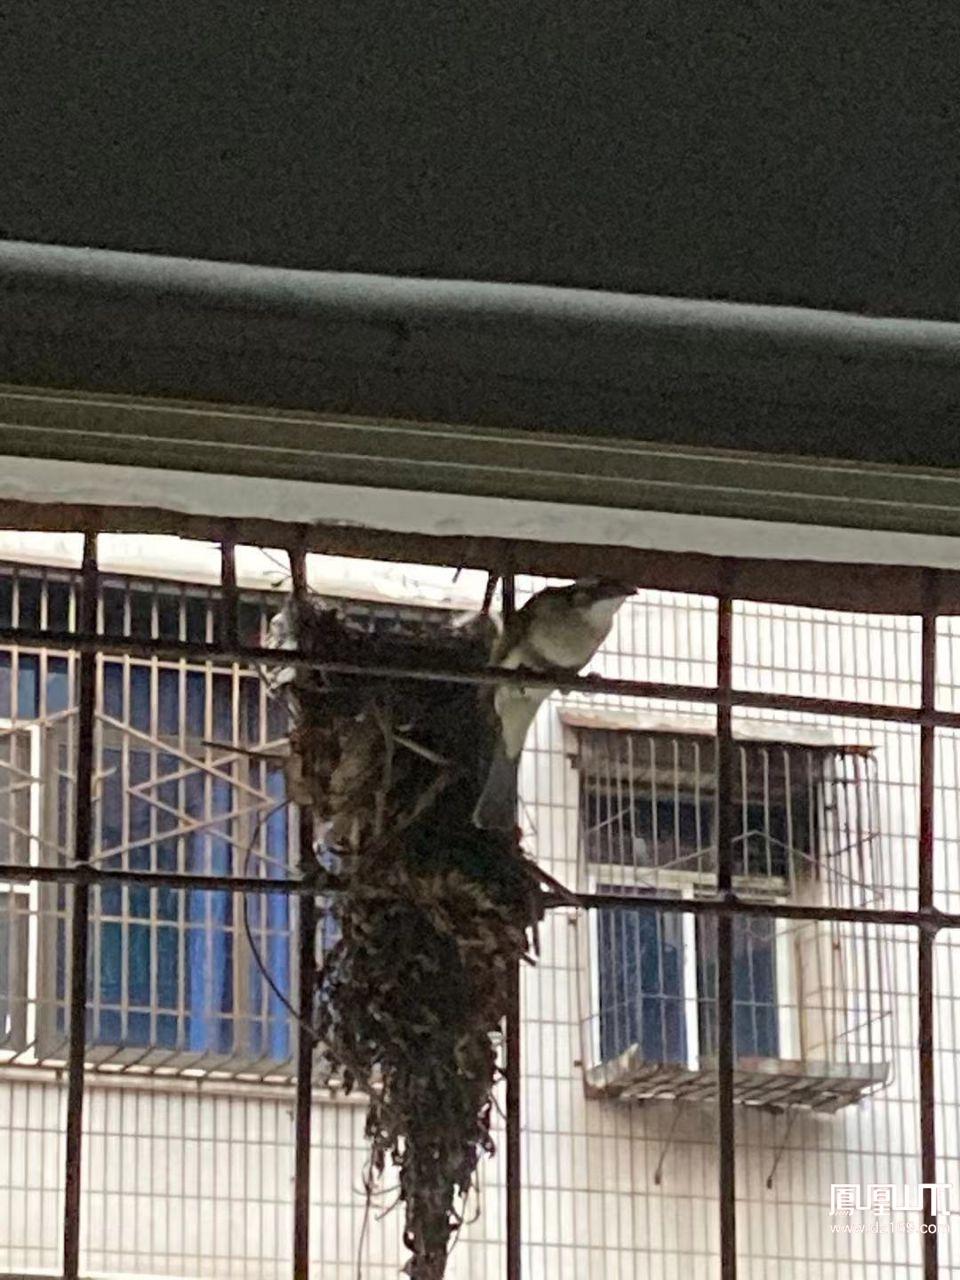 有谁认识这是撒子鸟